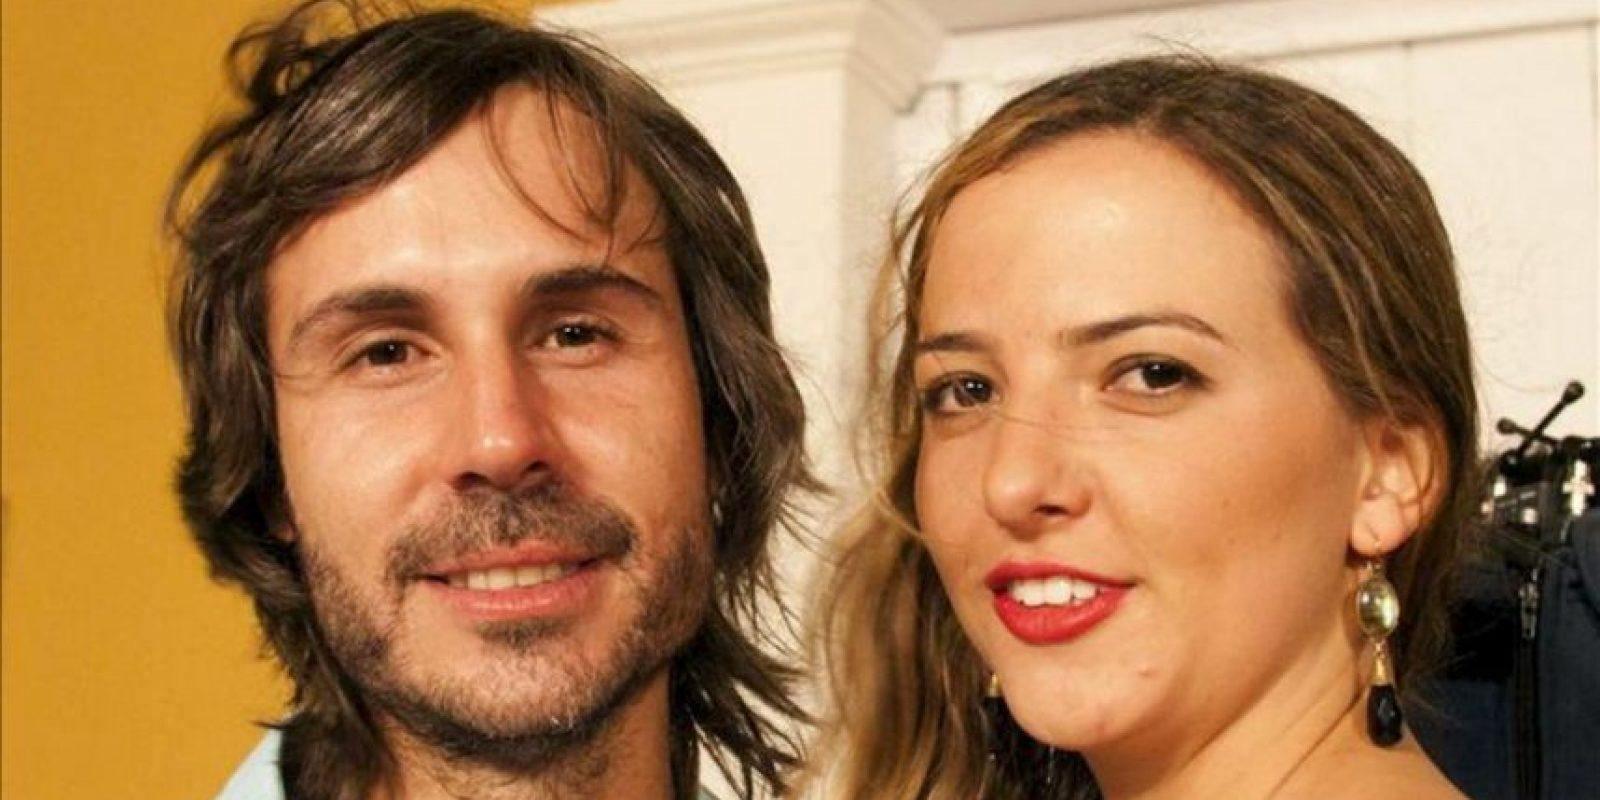 El cineasta colombiano Andrew Baiz (i) y Manuela Santos (d) durante la gala de inauguración del 53 Festival Internacional de Cine (FICCI) en Cartagena (Colombia). EFE